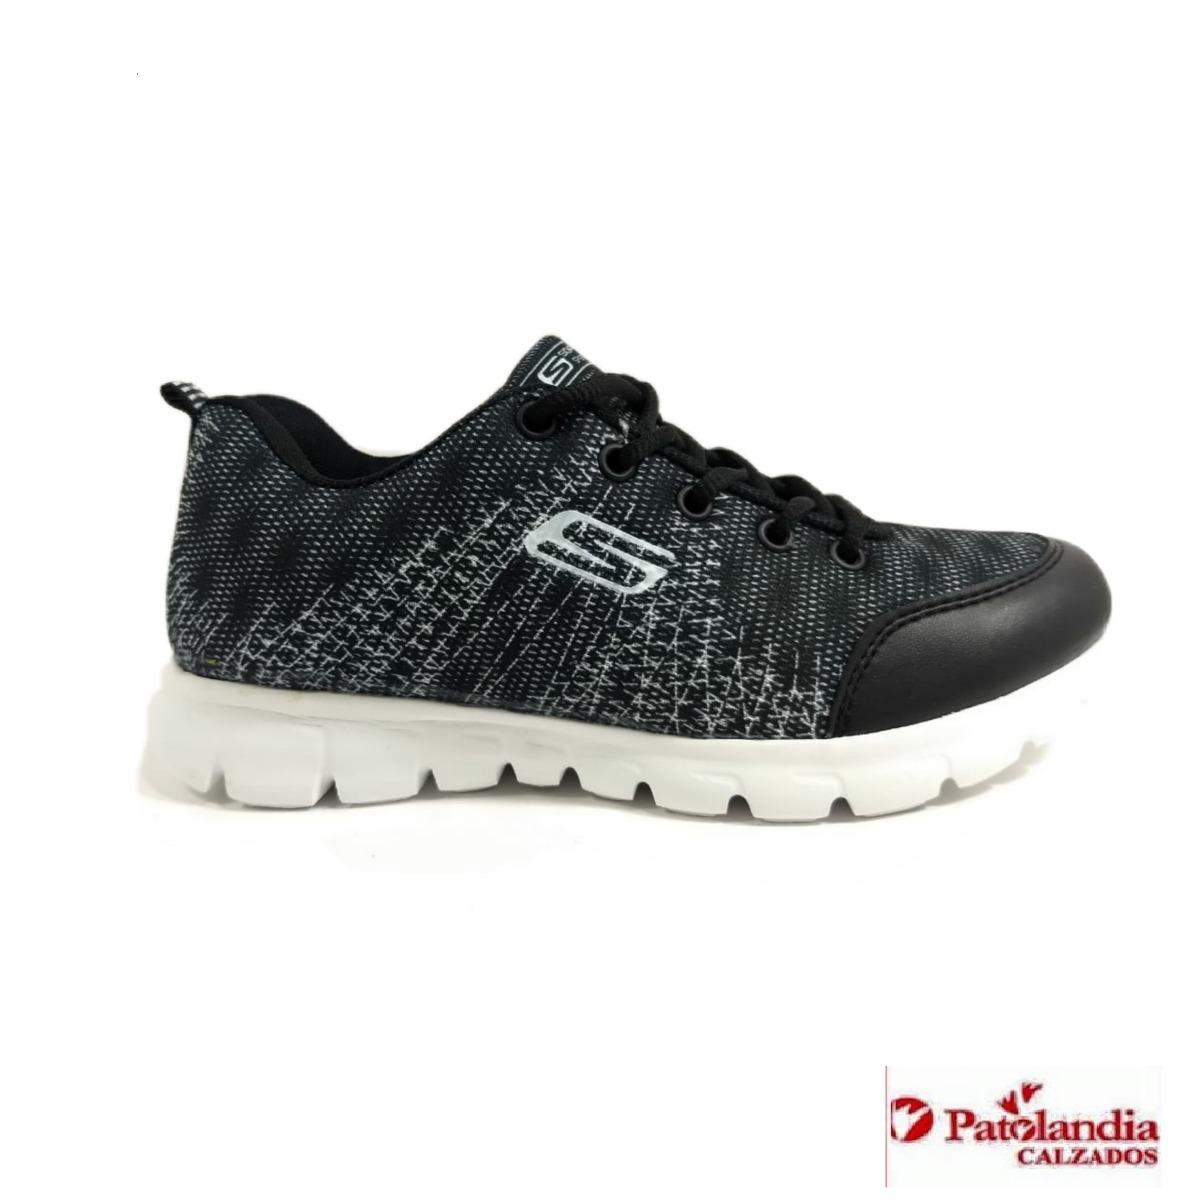 911389c5749 Zapatillas Deportivas Soft Sublimadas Hombre N°36 41 -   876